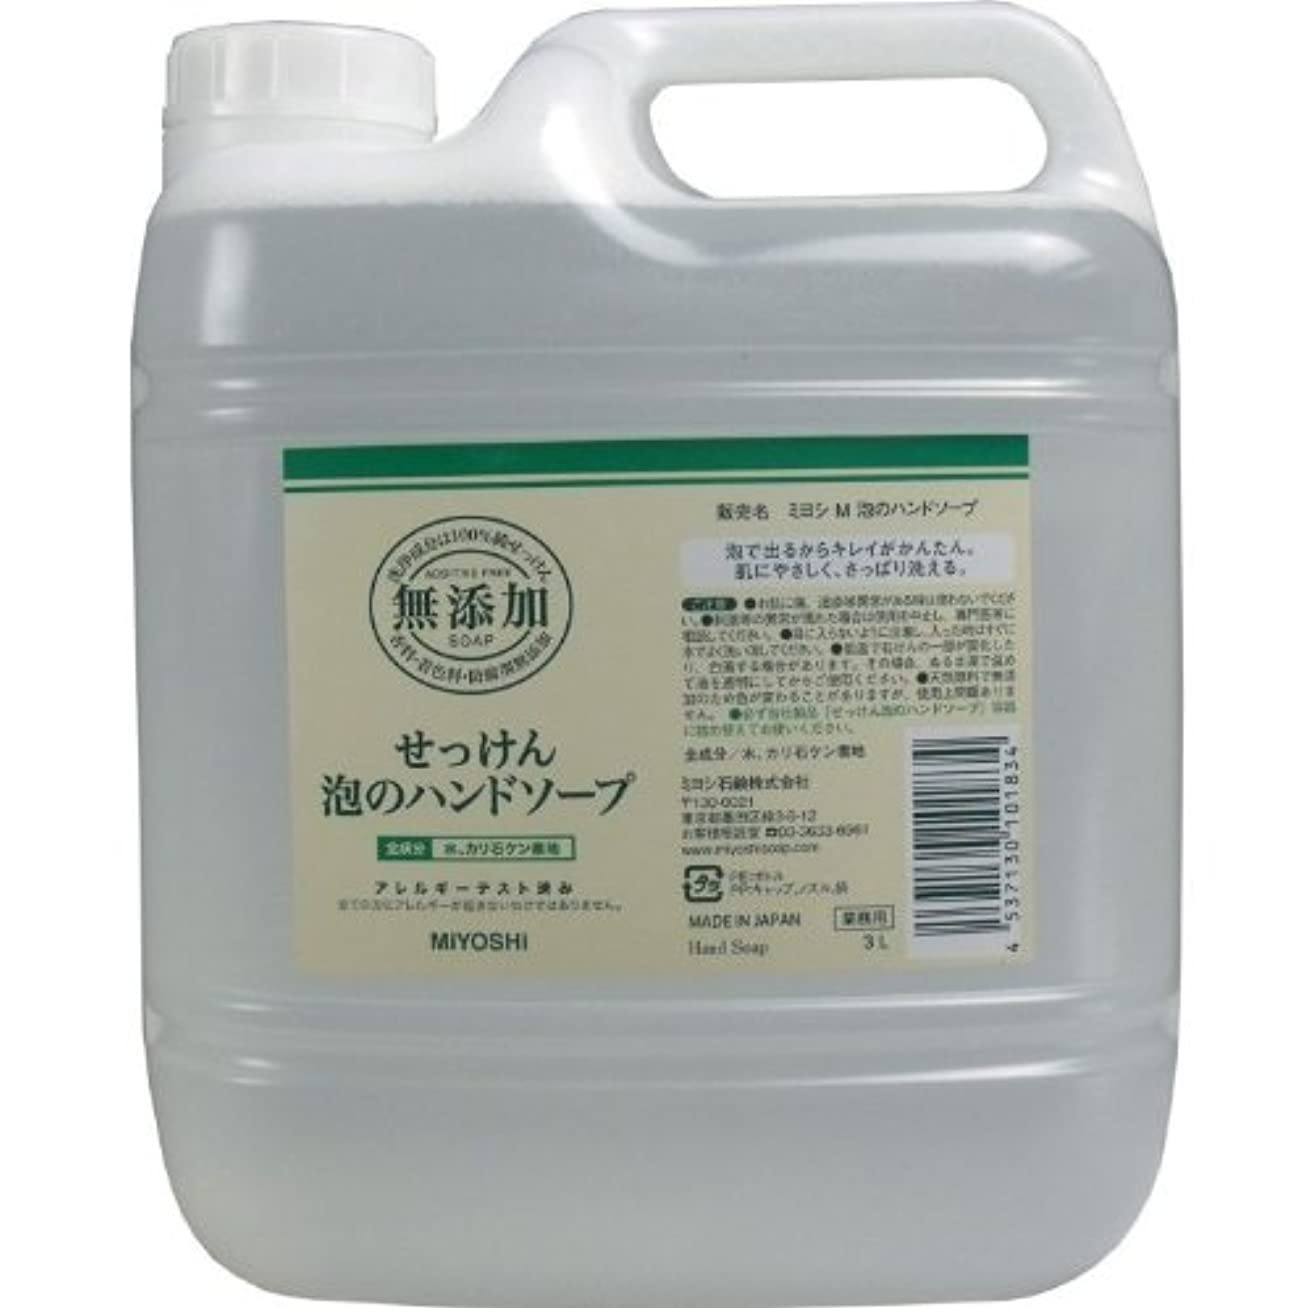 森ブースト満足泡で出るからキレイが簡単!家事の間のサッと洗いも簡単!香料、着色料、防腐剤無添加!(業務用)3L【2個セット】